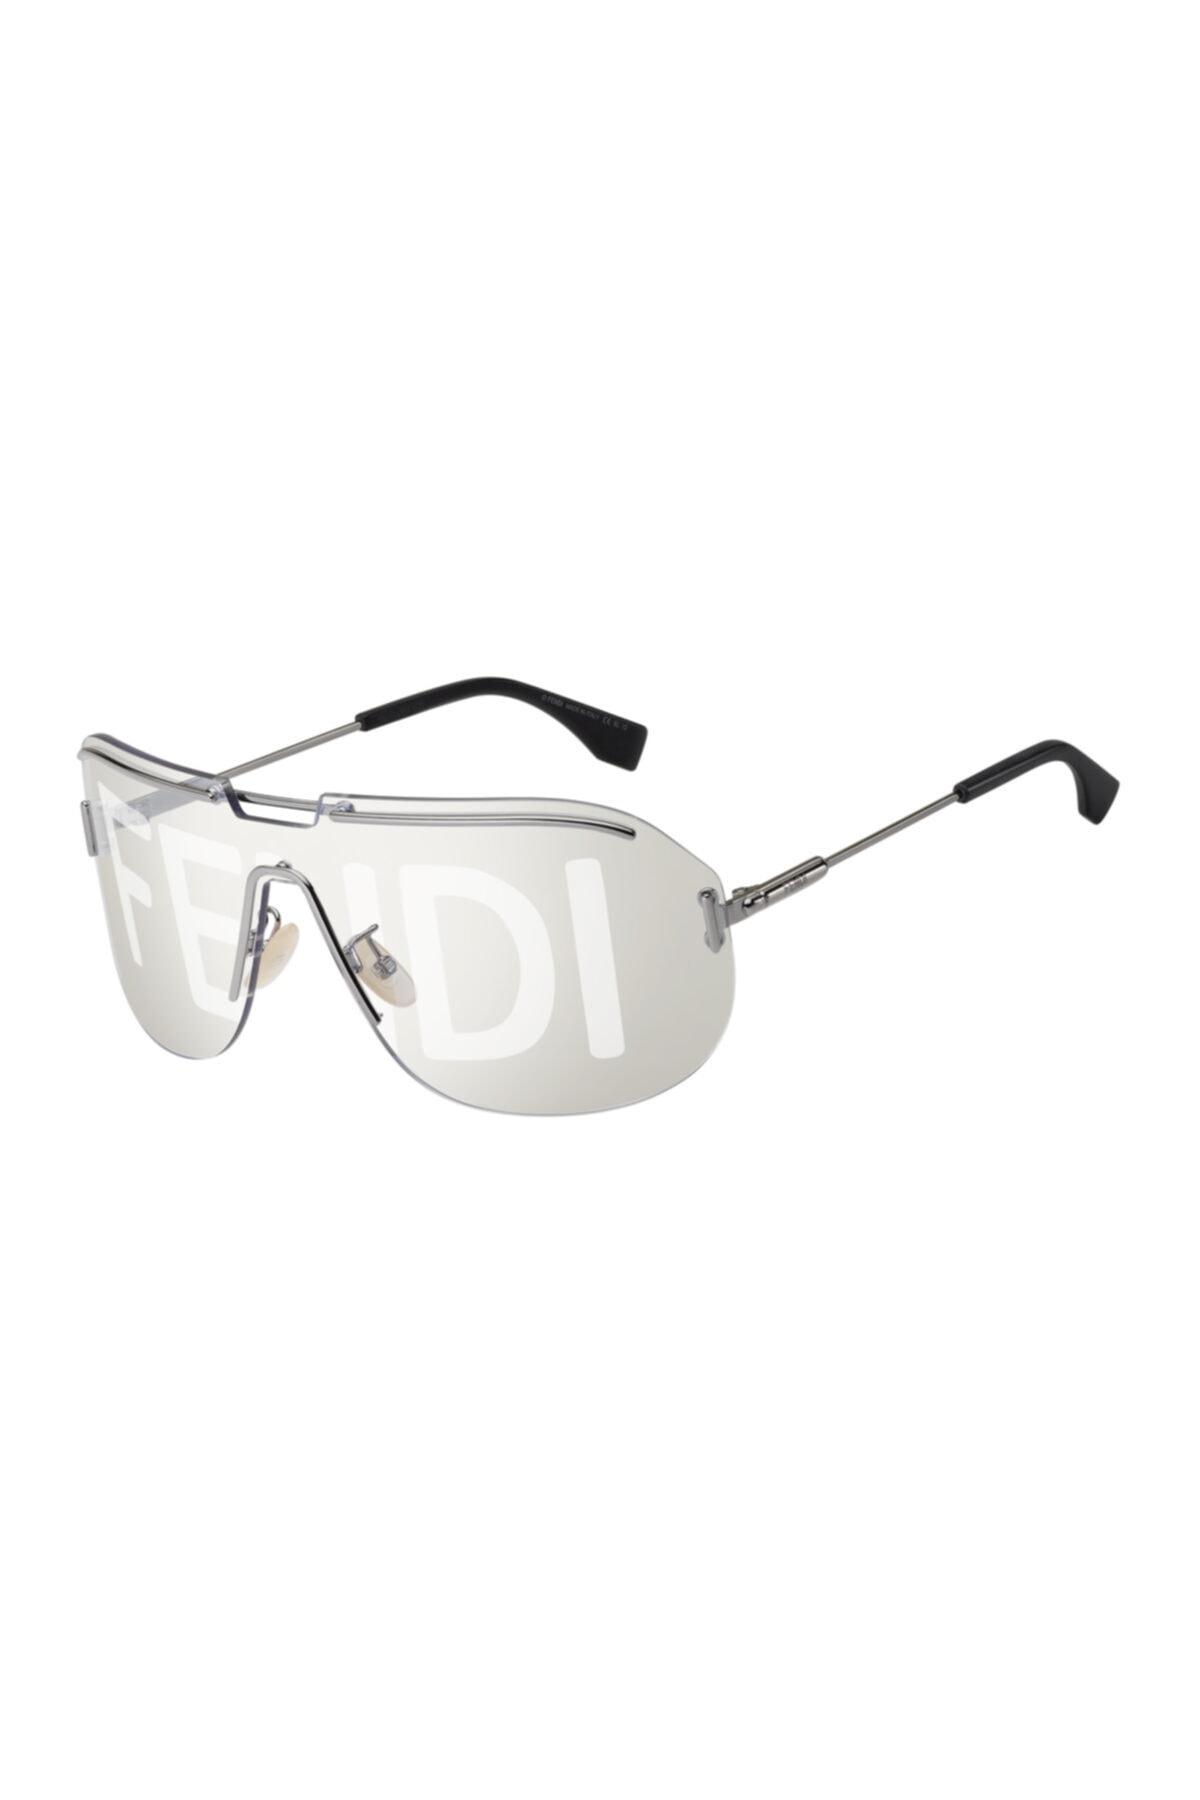 فروش عینک آفتابی زنانه حراجی برند Fendi کد ty69106104